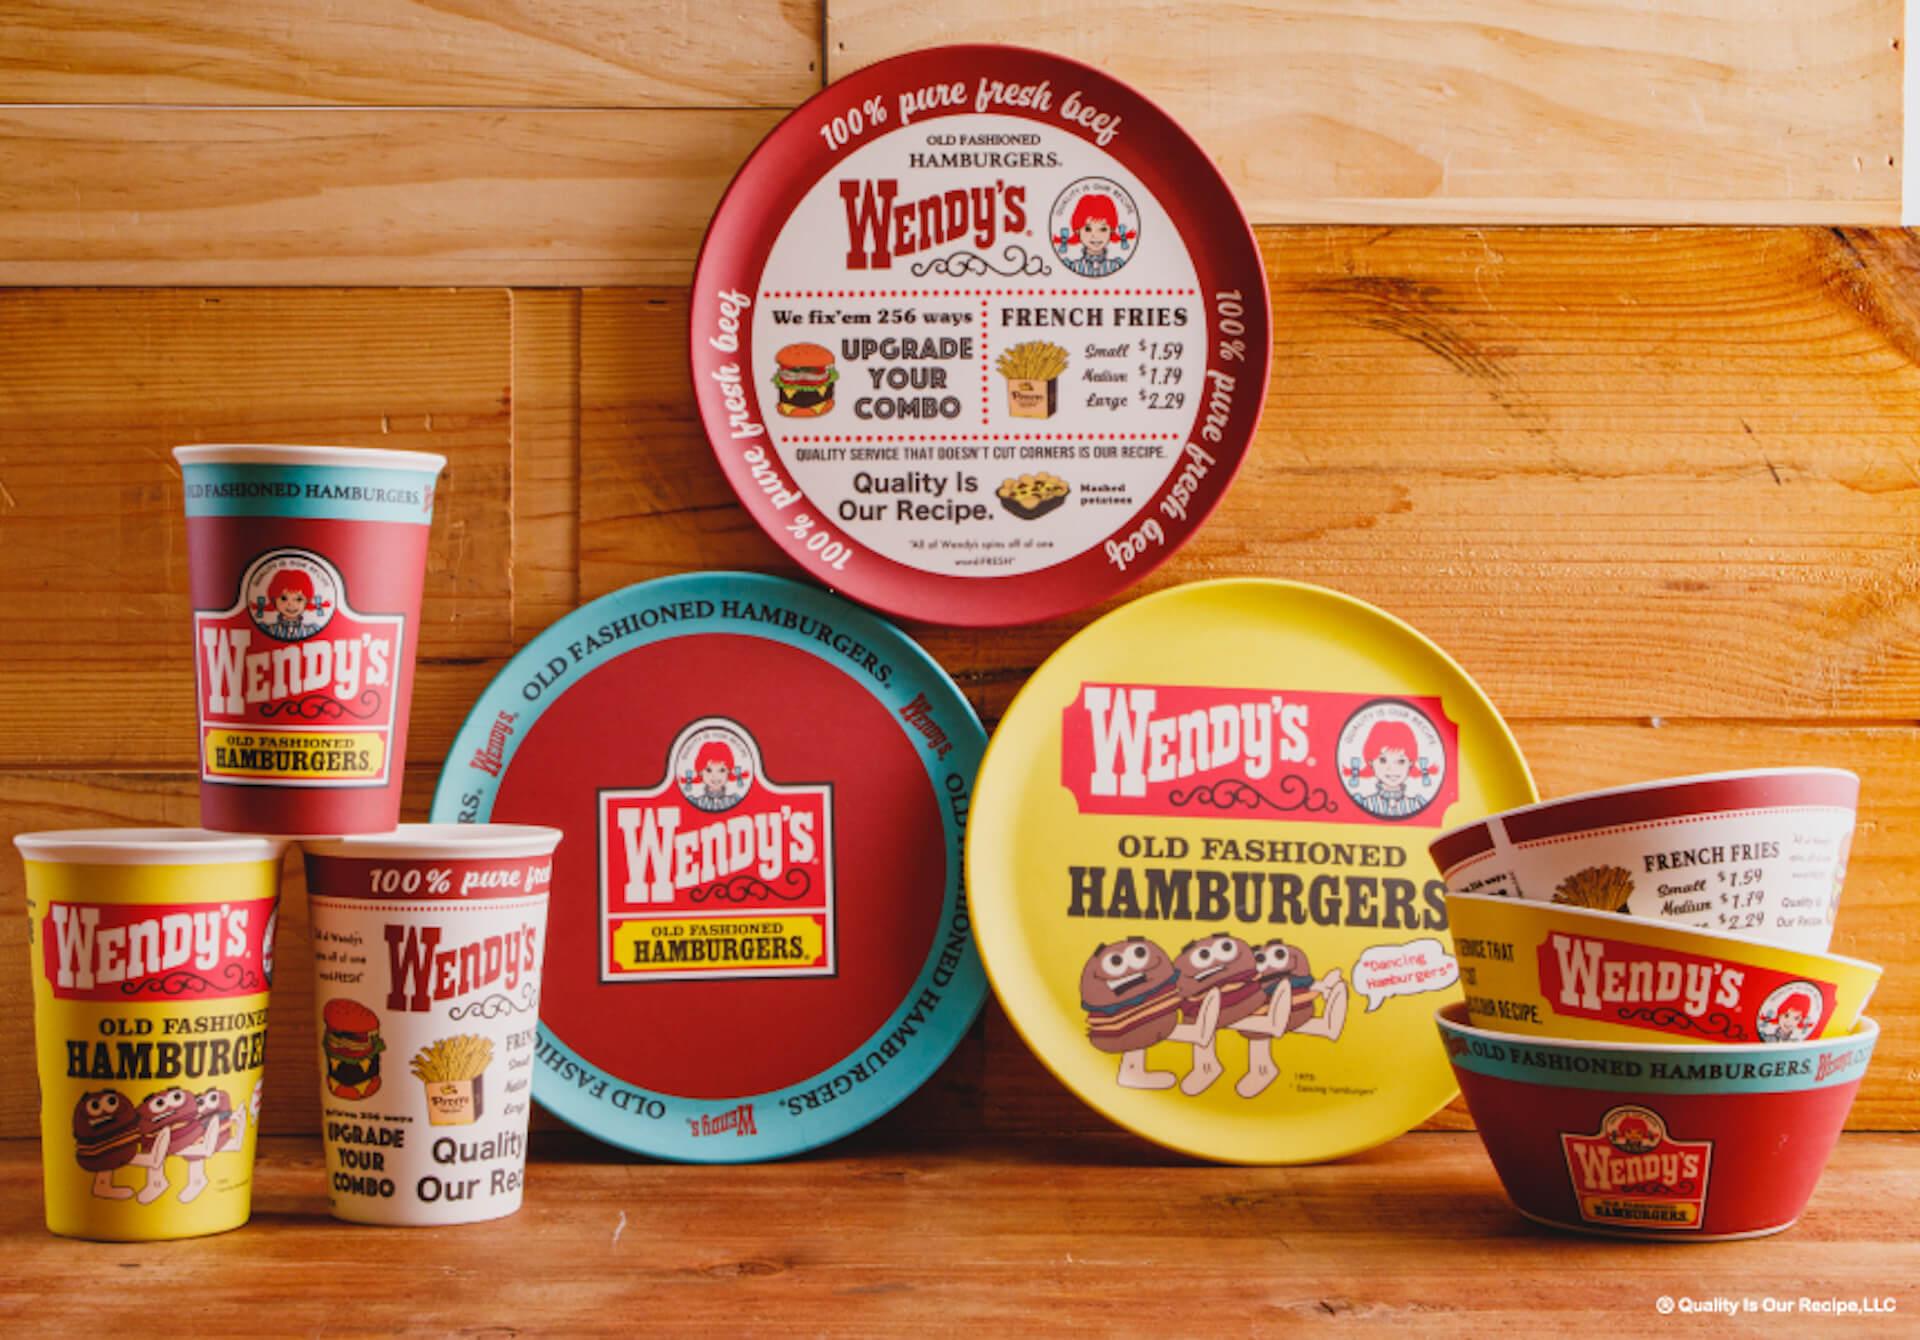 『212 KITCHEN STORE』から『Wendy's』とのコラボアイテムが登場!ロゴやマークをあしらったランチグッズなども販売 life2020925-wendys4